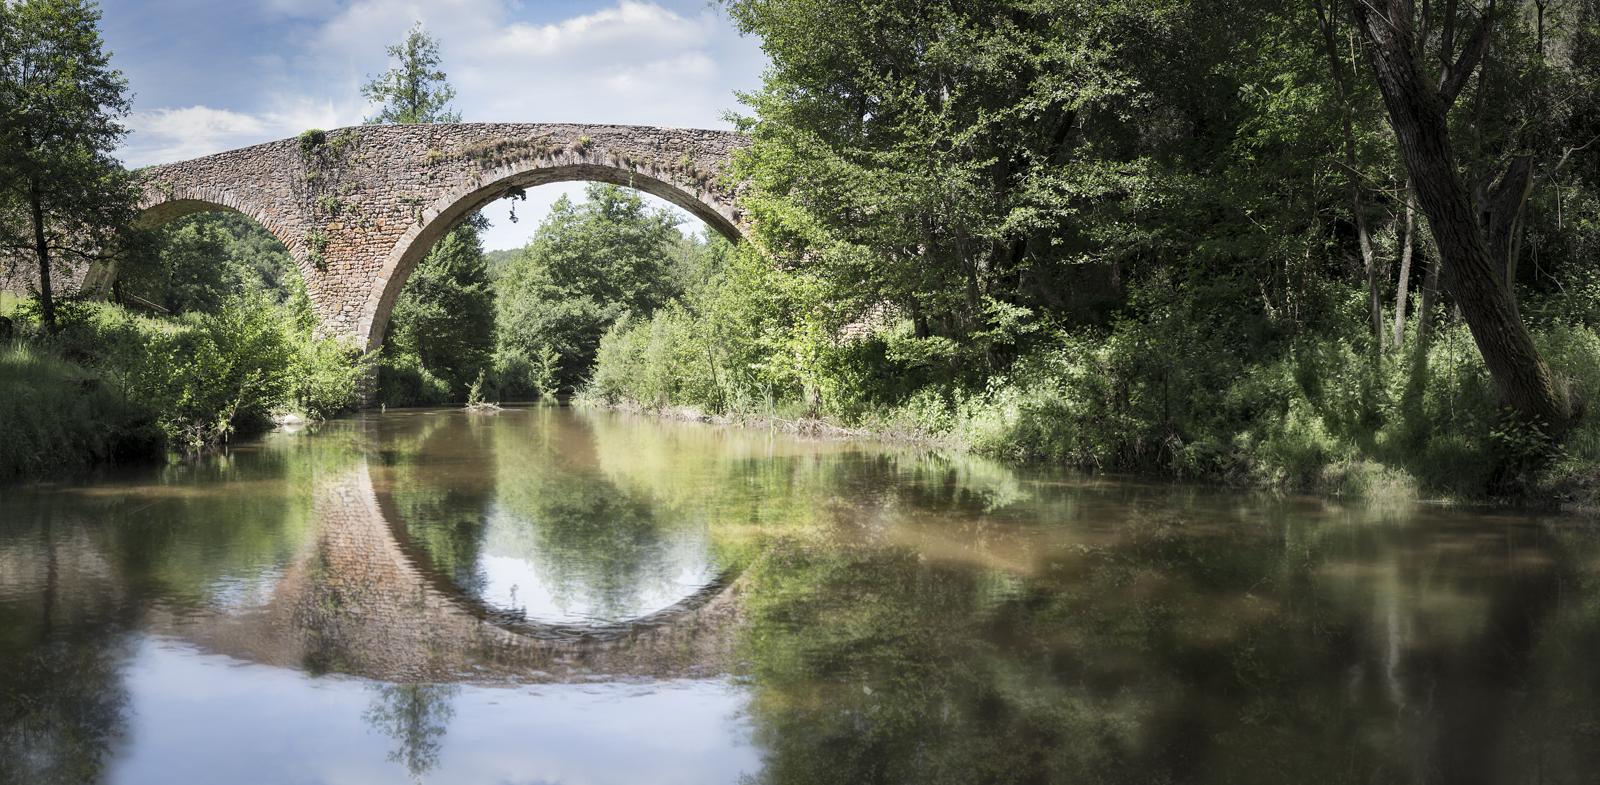 Fotografía de paisaje Puente Malafogassa, panorámica, Vilanova de Sau. Canon 6D,Danilatorre,danilatorre, Dani Latorre, daniel Latorre